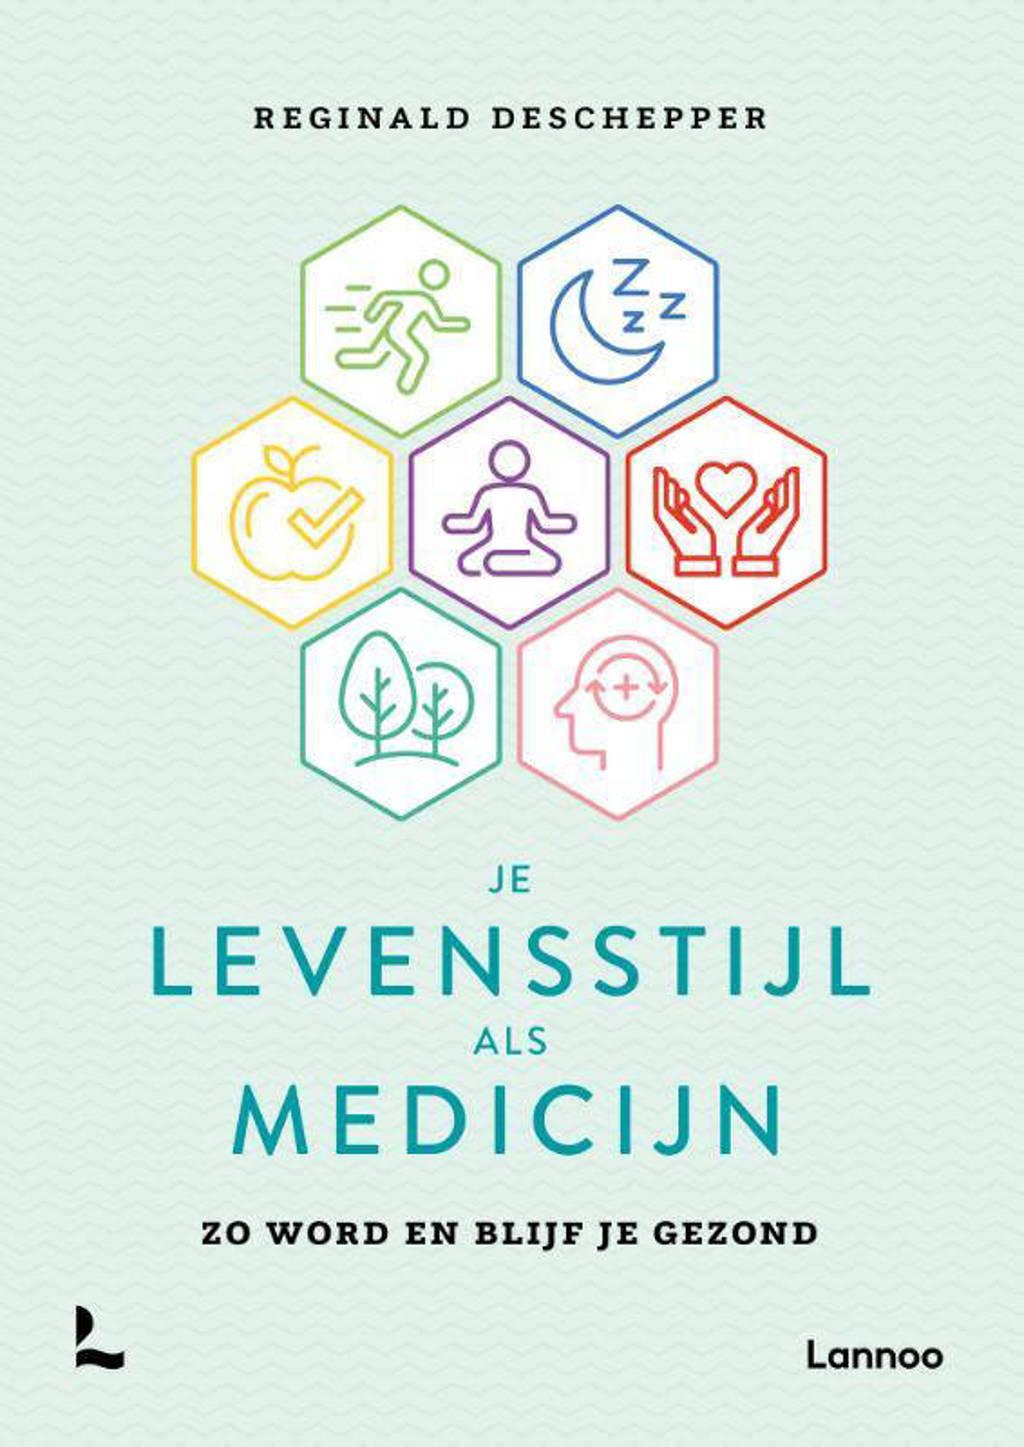 Je levensstijl als medicijn - Reginald Deschepper